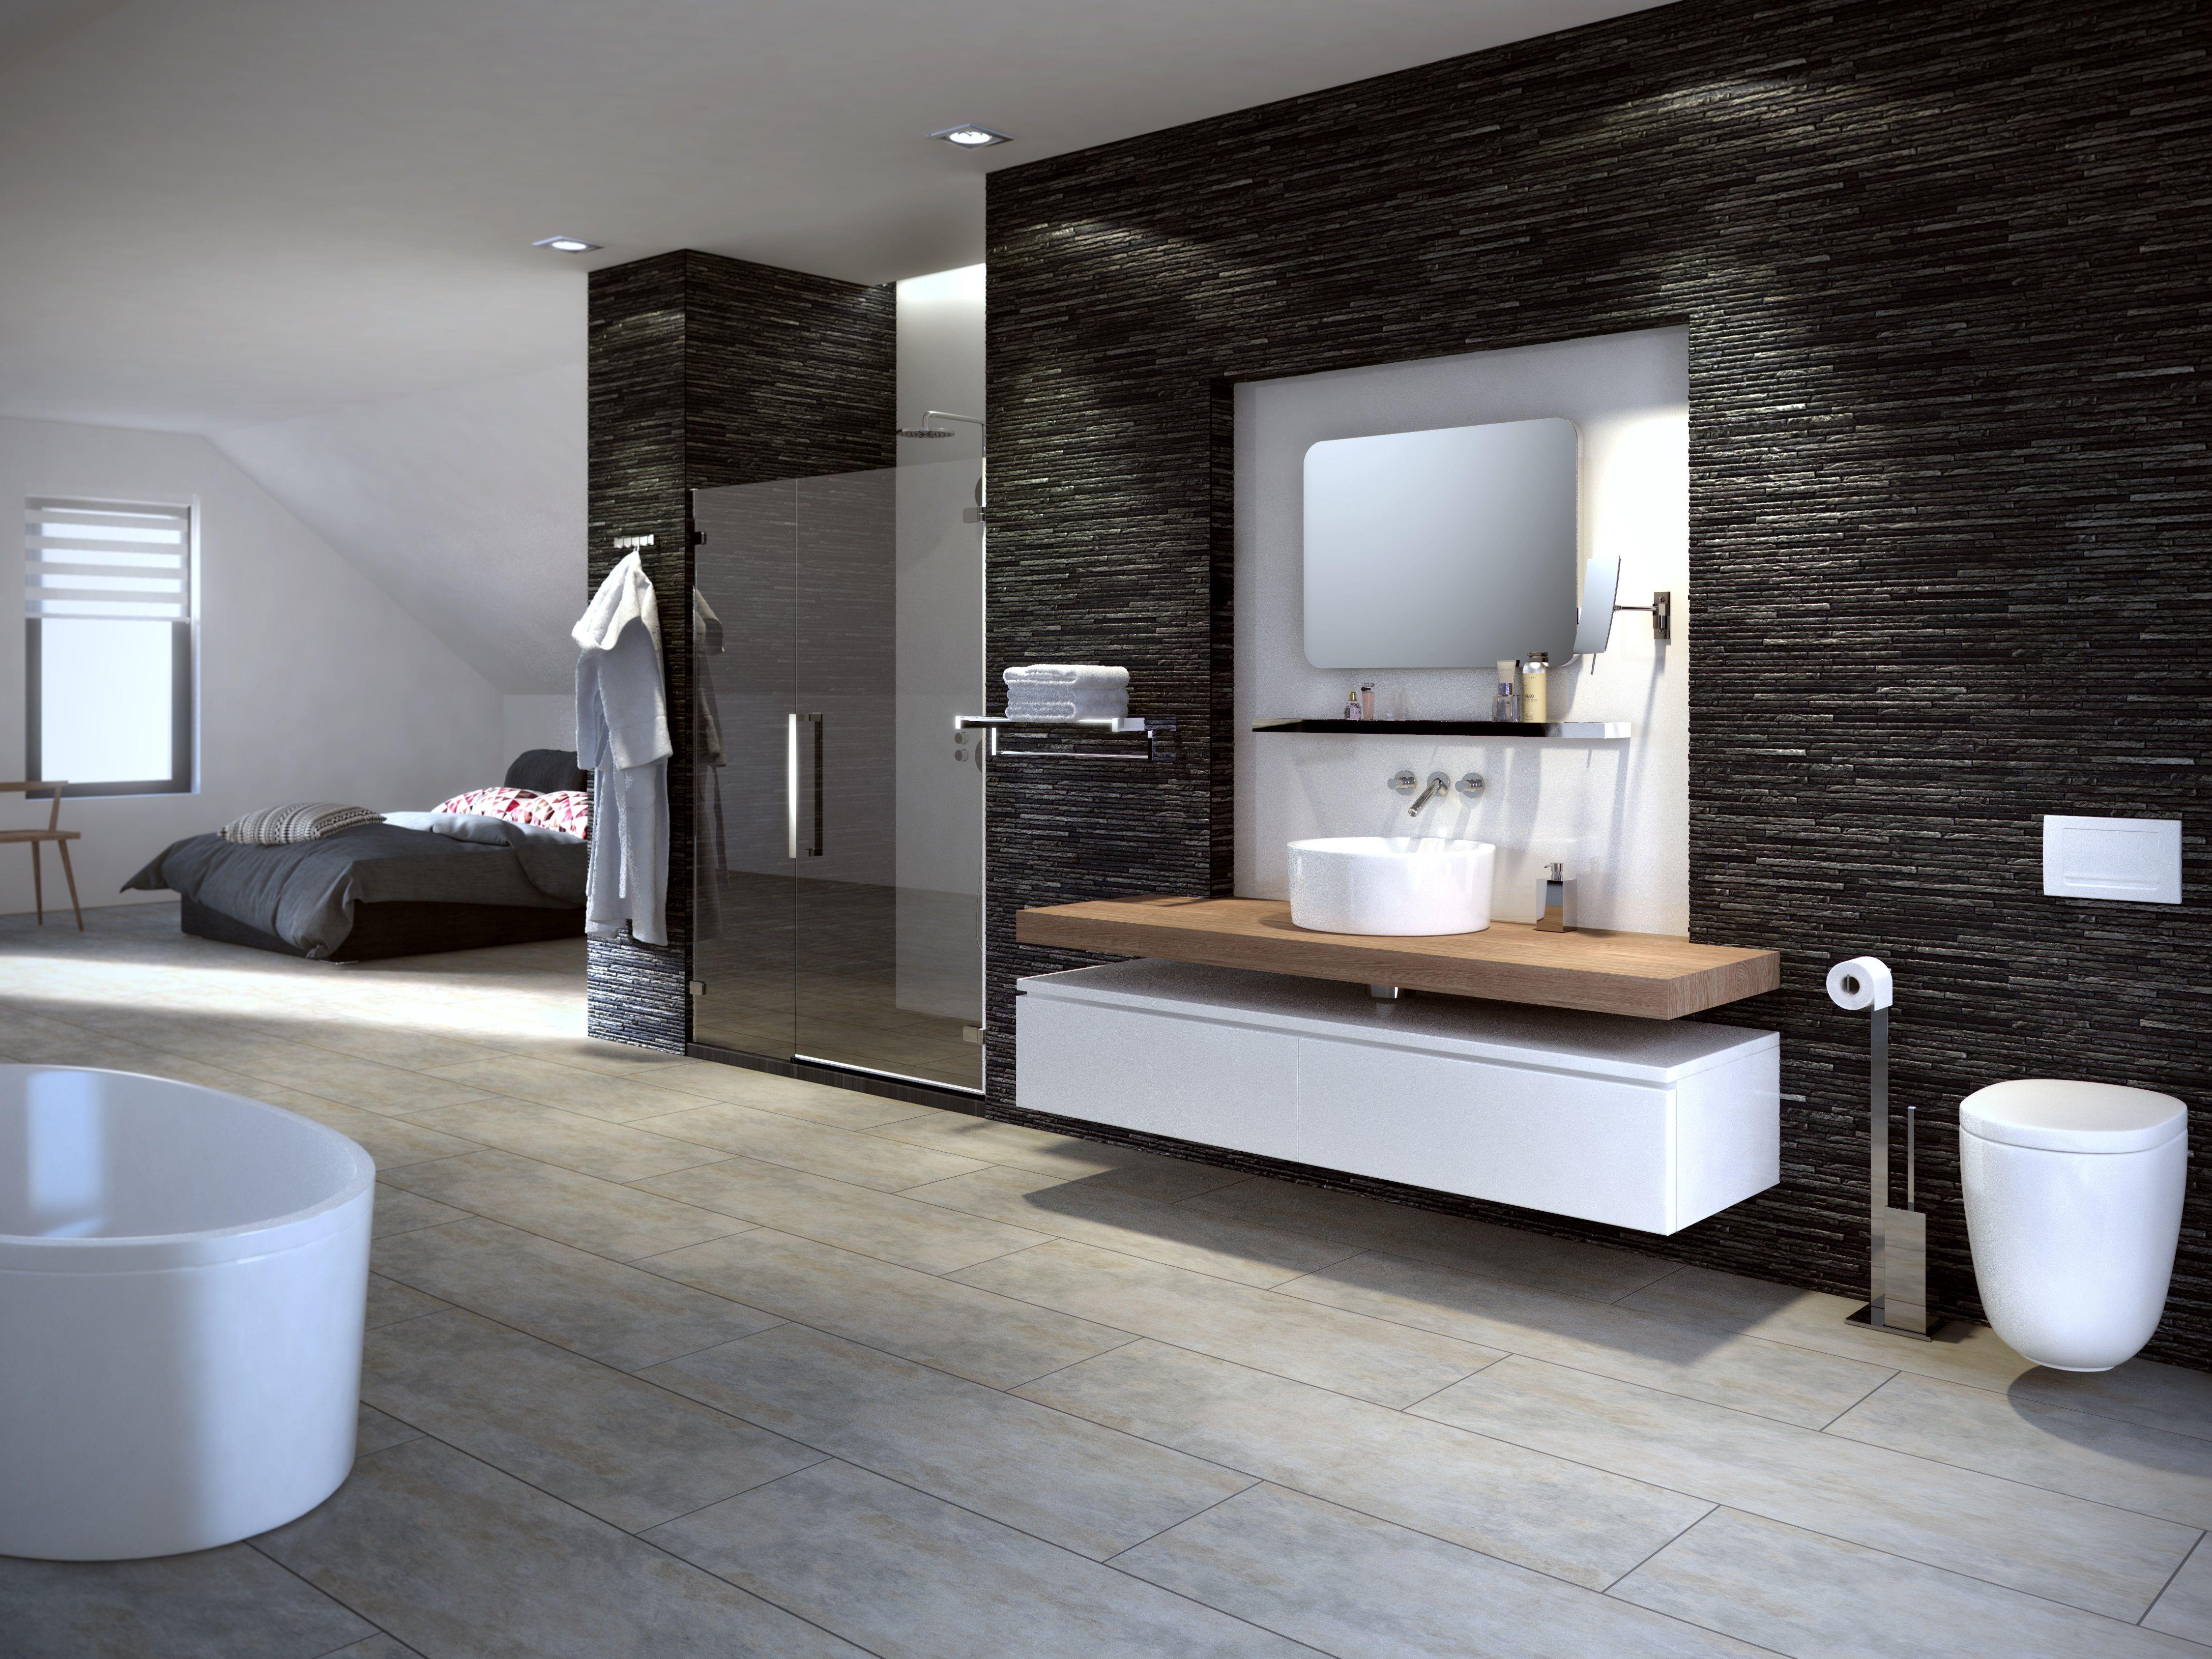 Geesa modern art interieur interior interieurdesign